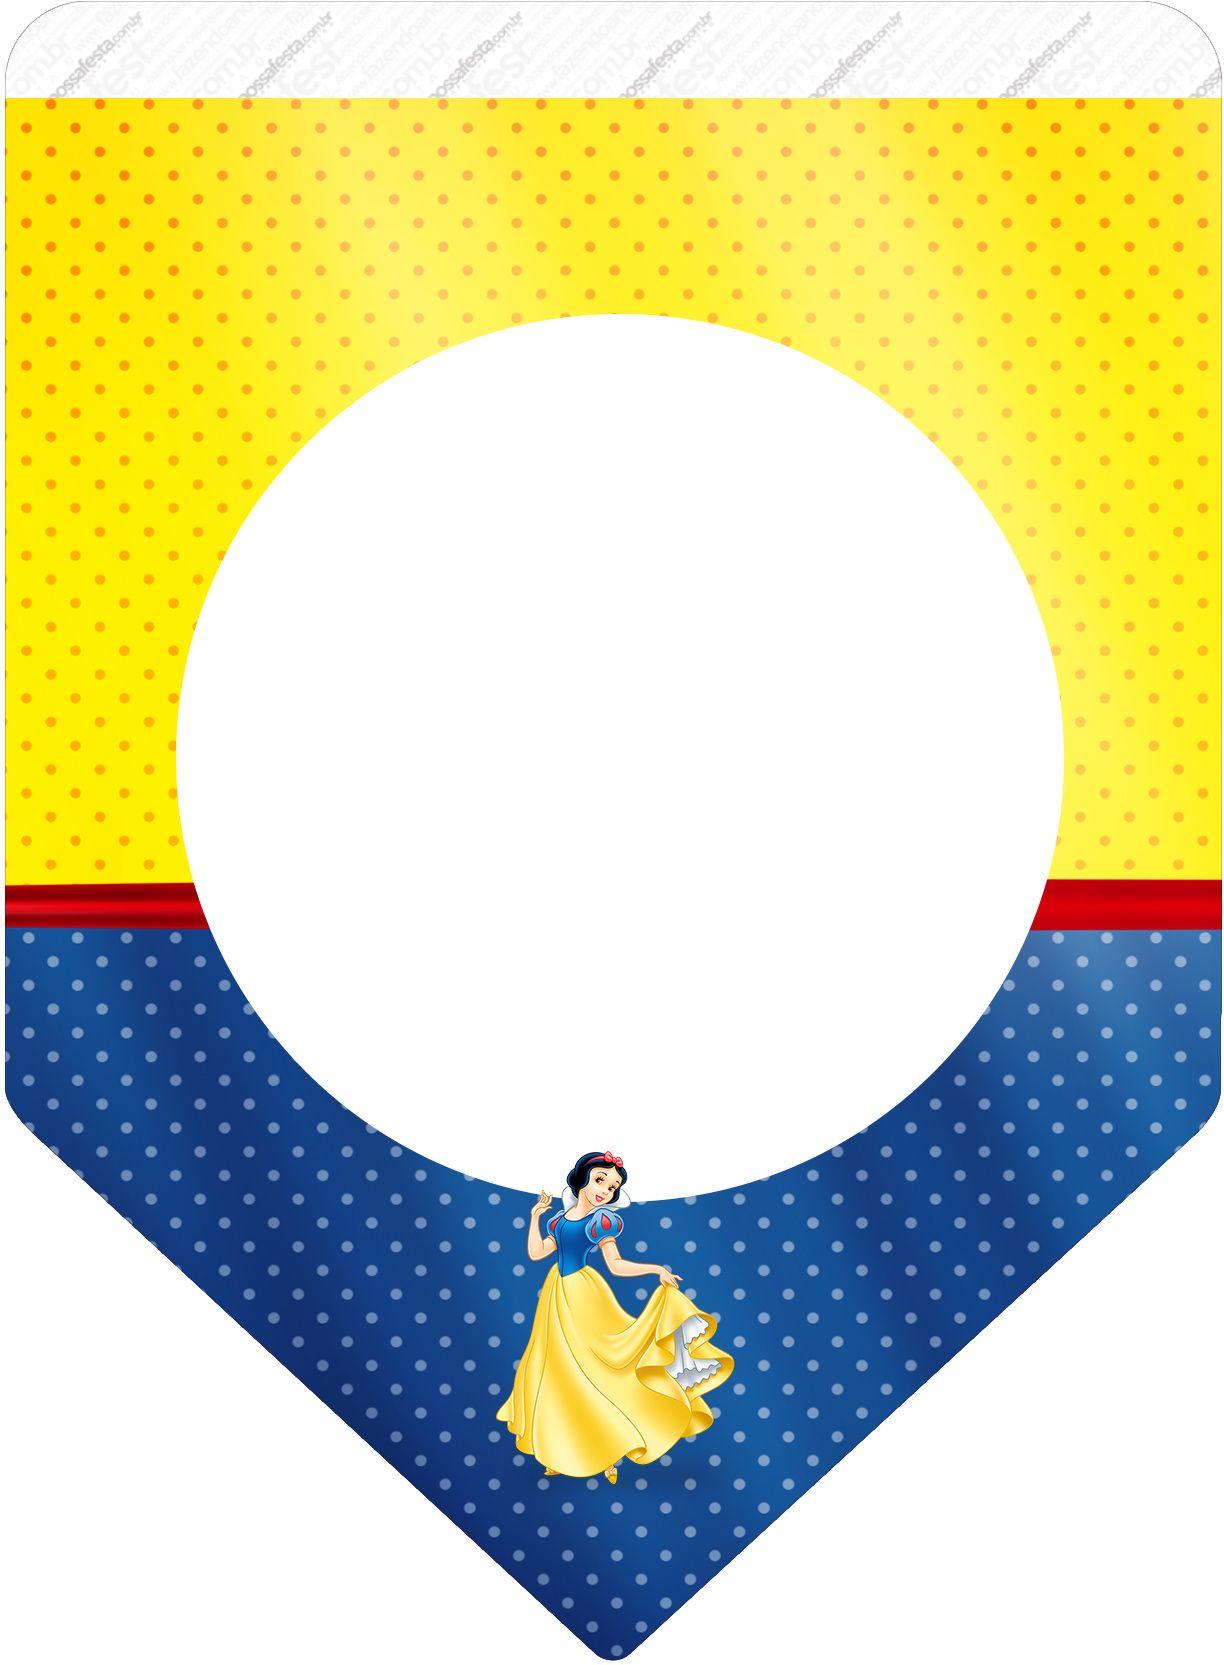 Bandeirinha Varalzinho Festa Branca De Neve Com Imagens Branca